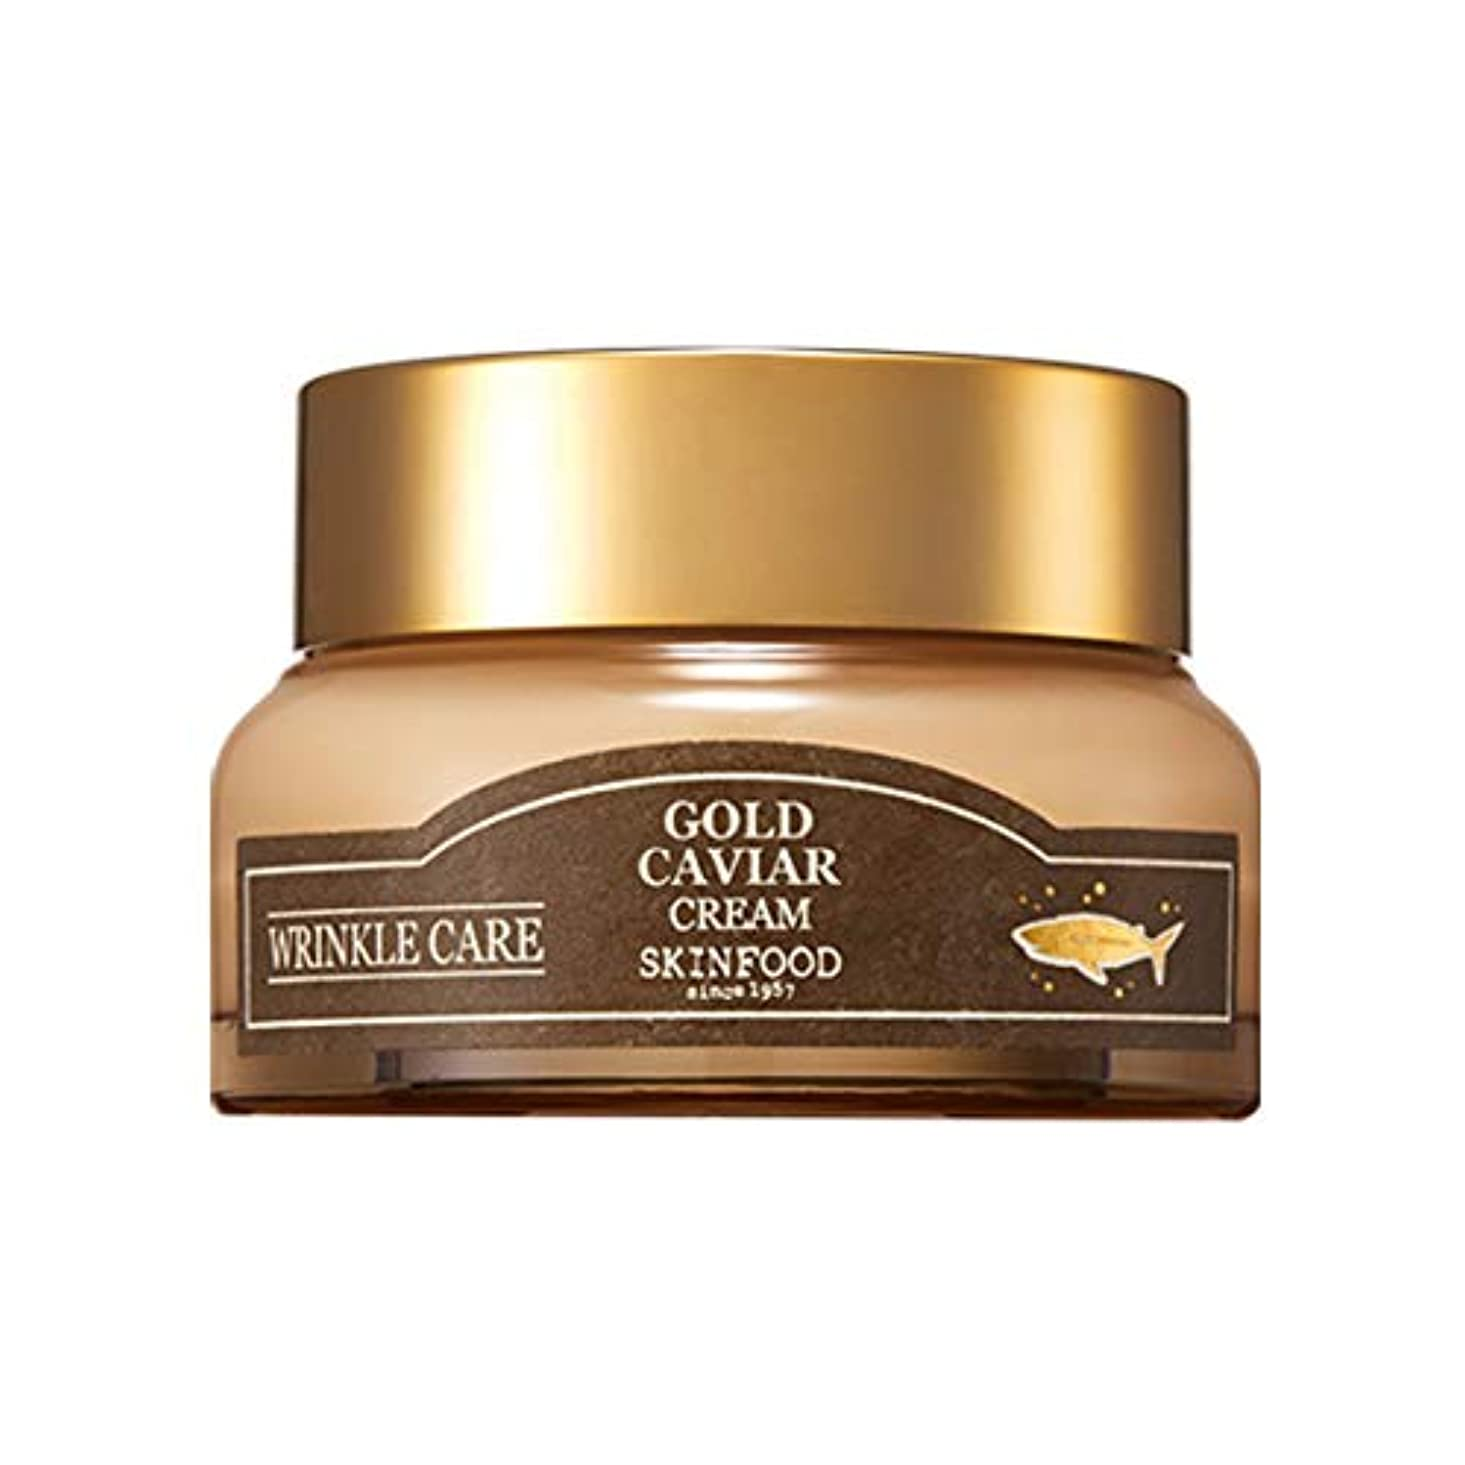 天の前提条件報告書Skinfood ゴールドキャビアクリーム[しわケア用化粧品] / Gold Caviar Cream [Cosmeceutical for wrinkle care] 54ml [並行輸入品]